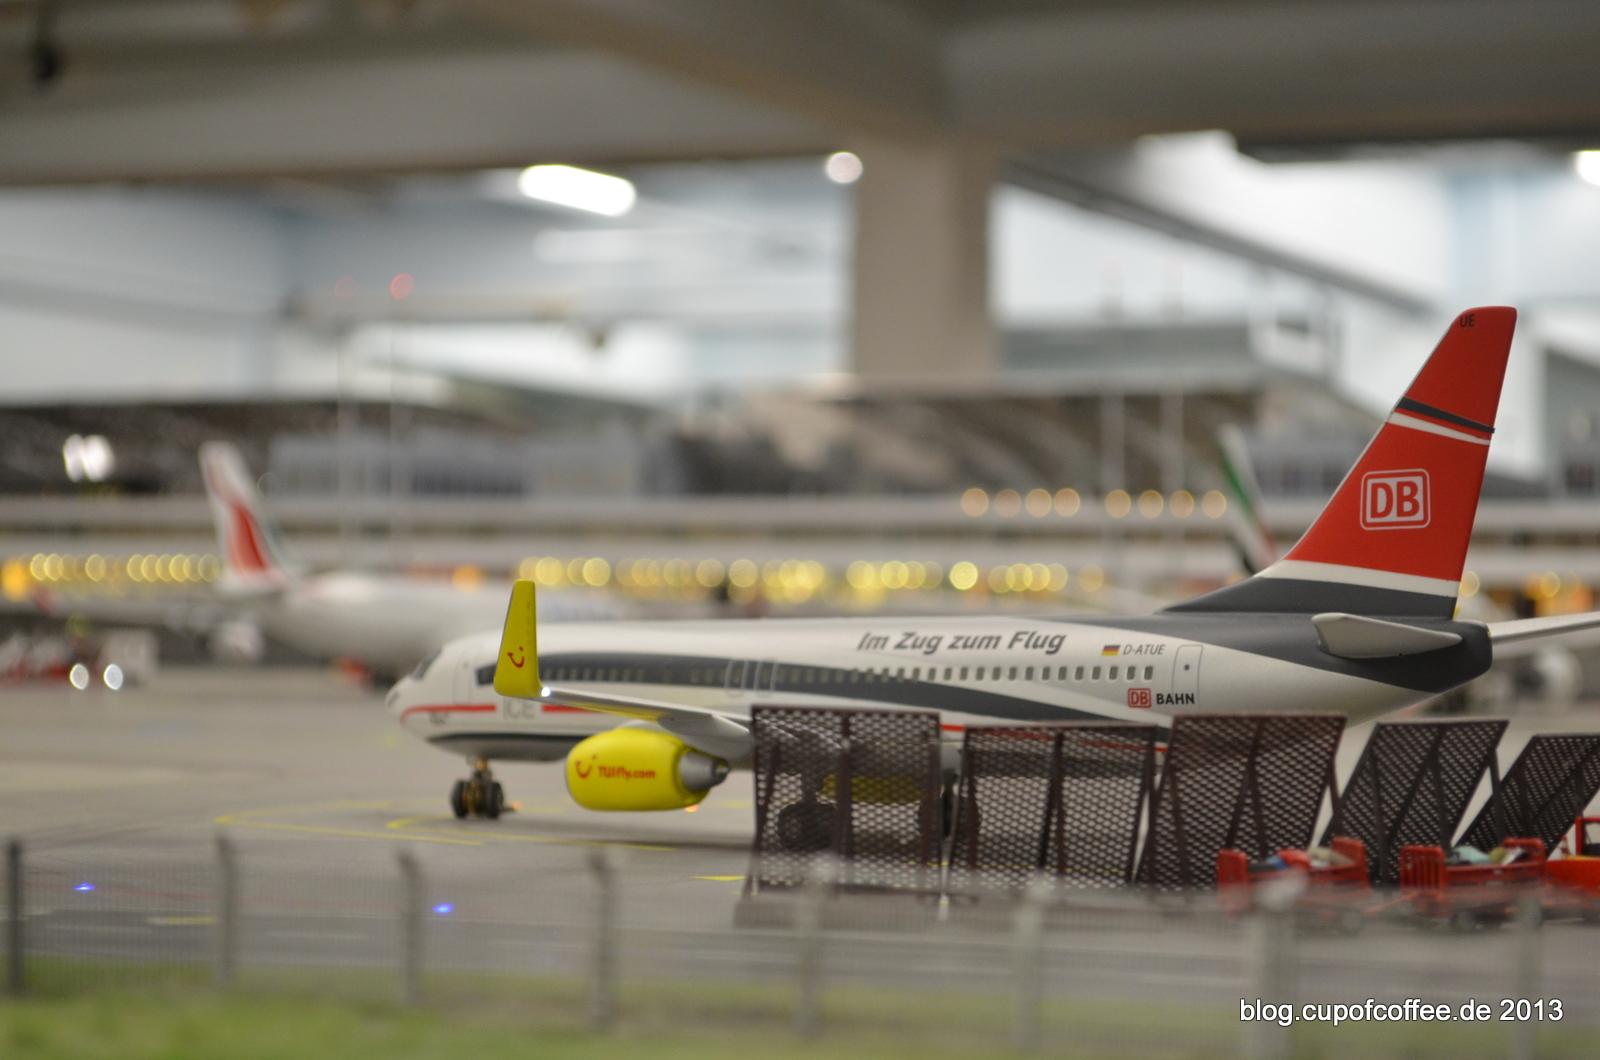 Zug, oder Flugzeug? Die TUI B737 im ICE-Design.